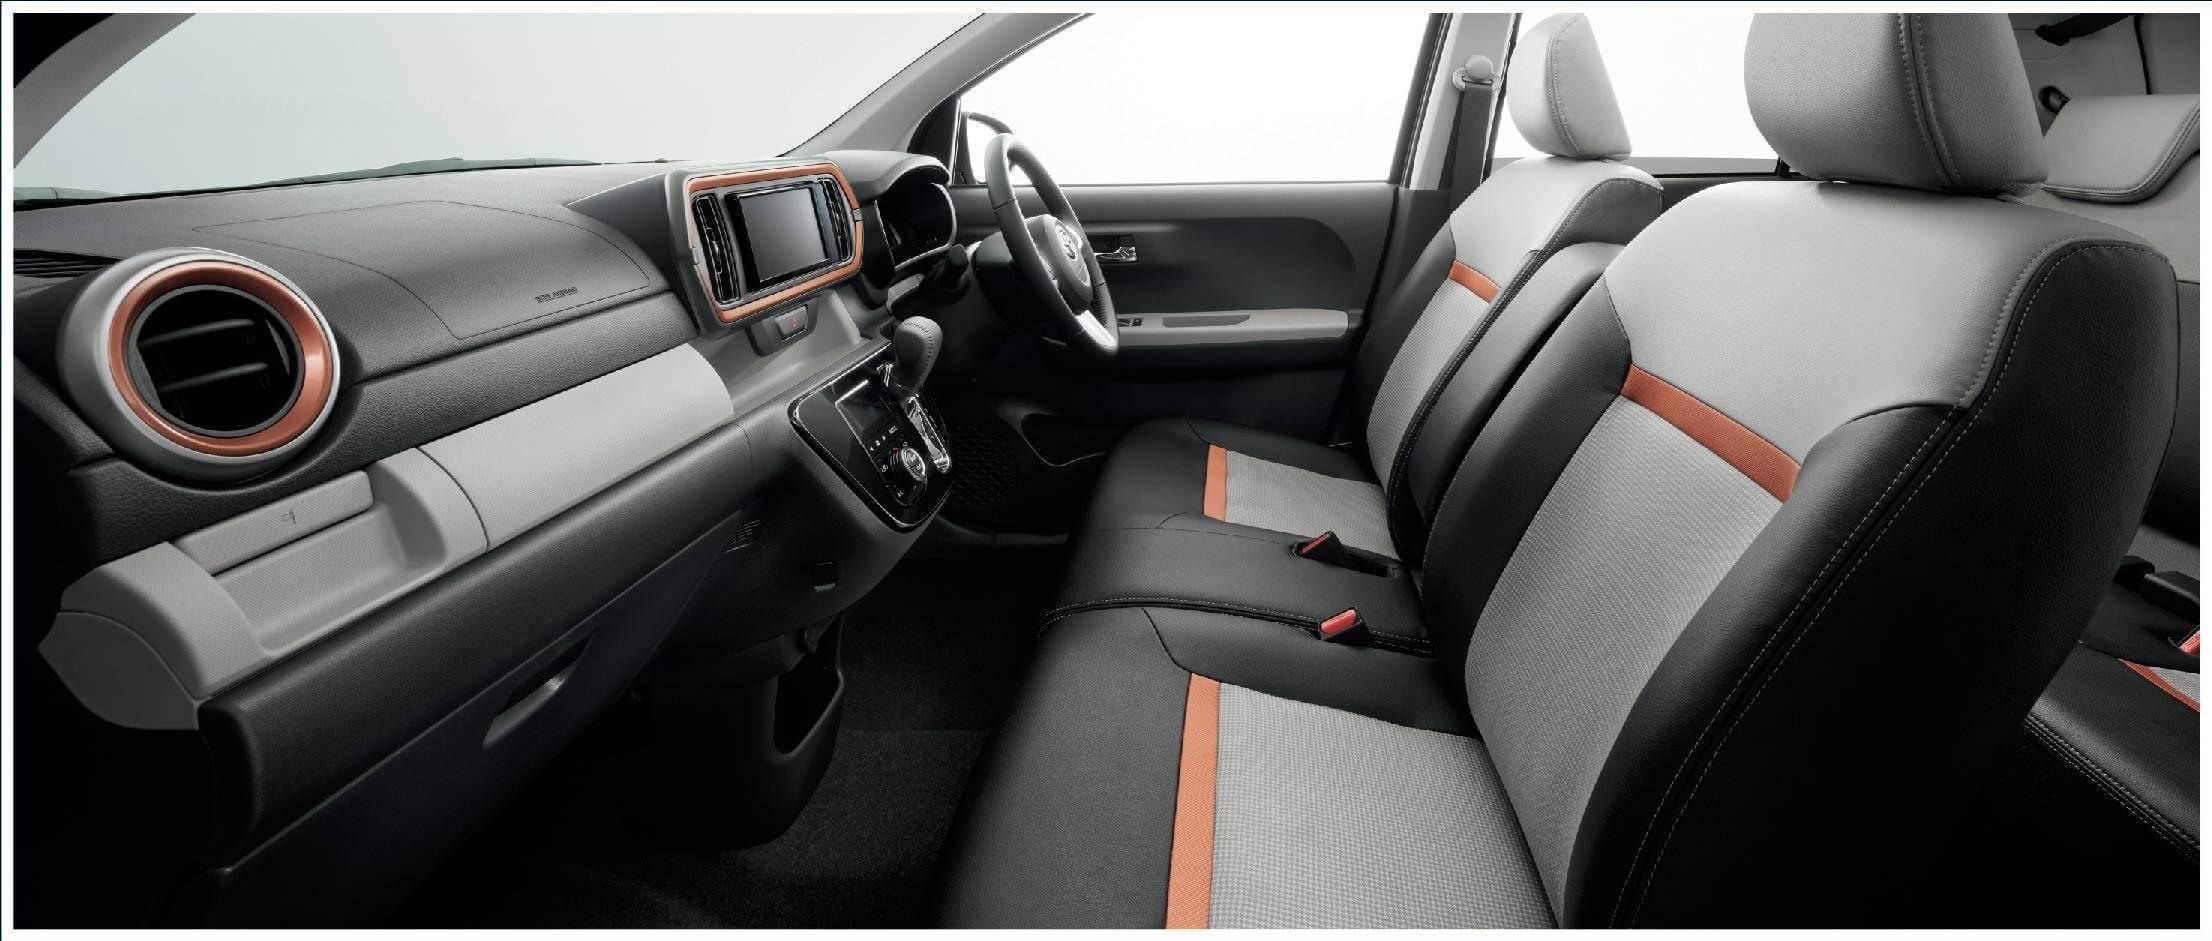 MODA(2WD)。内装色はダークグレー。オーディオレスカバーは販売店装着オプション。